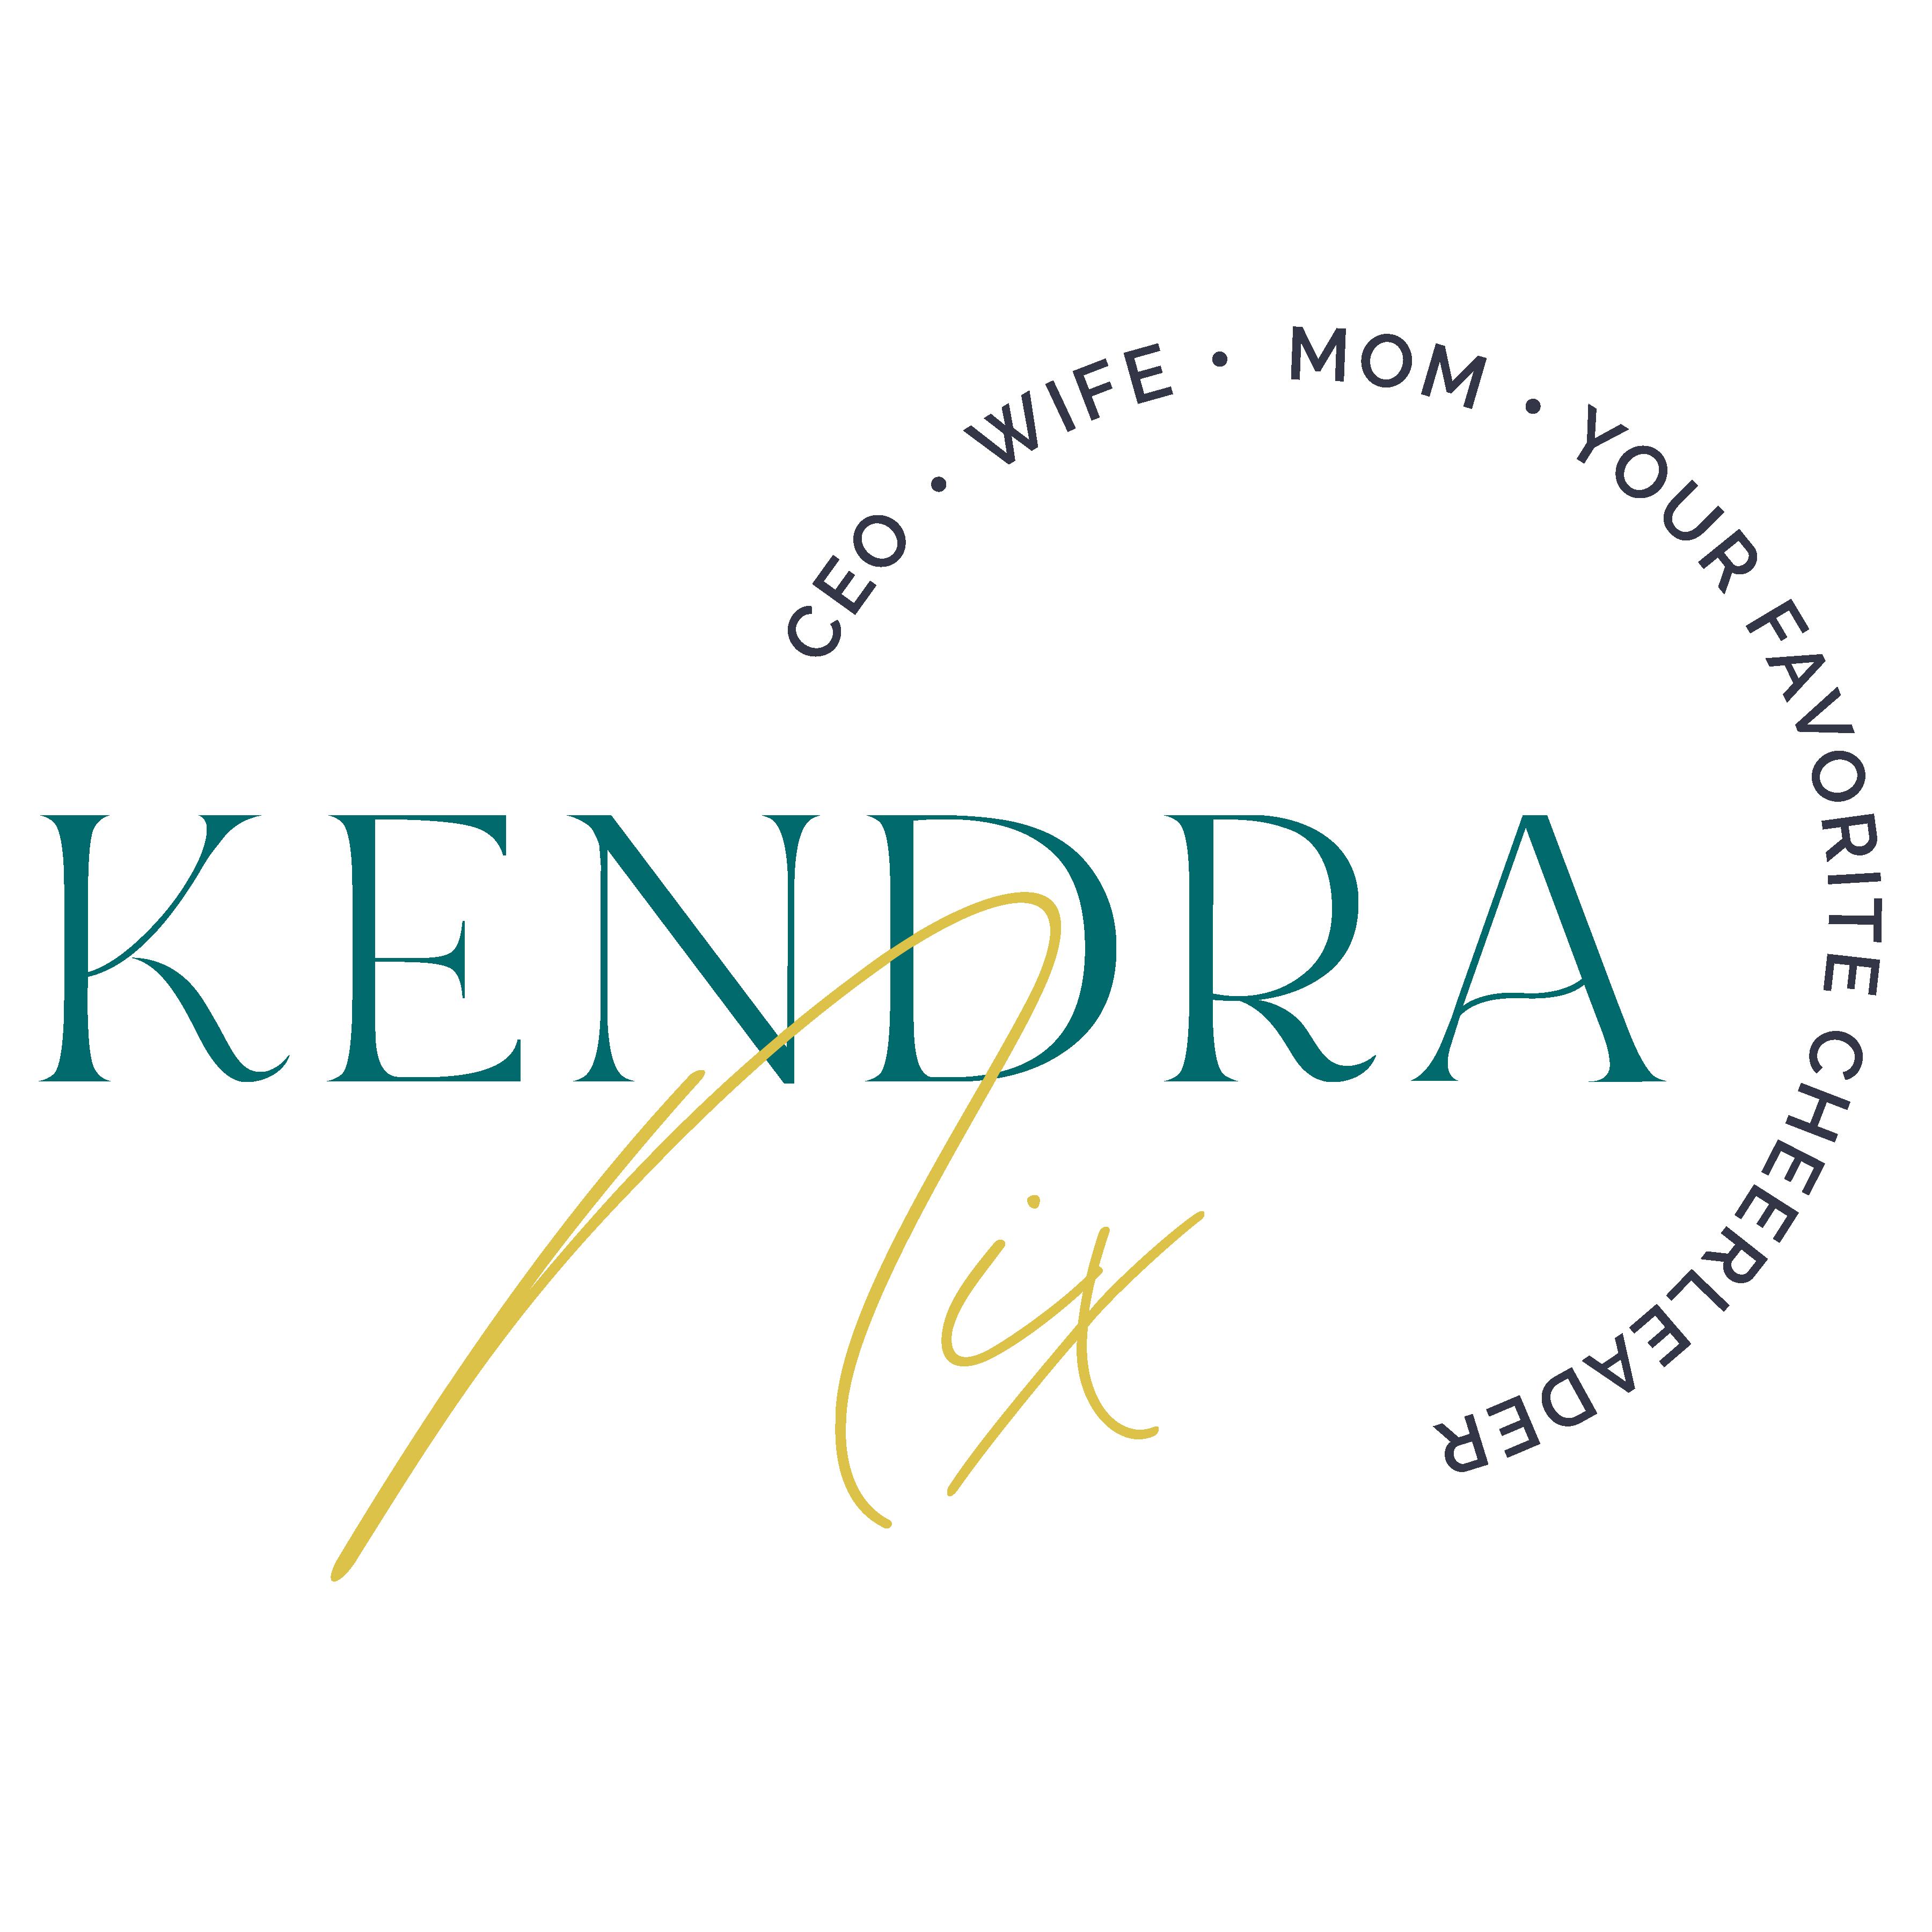 Kendra Nix